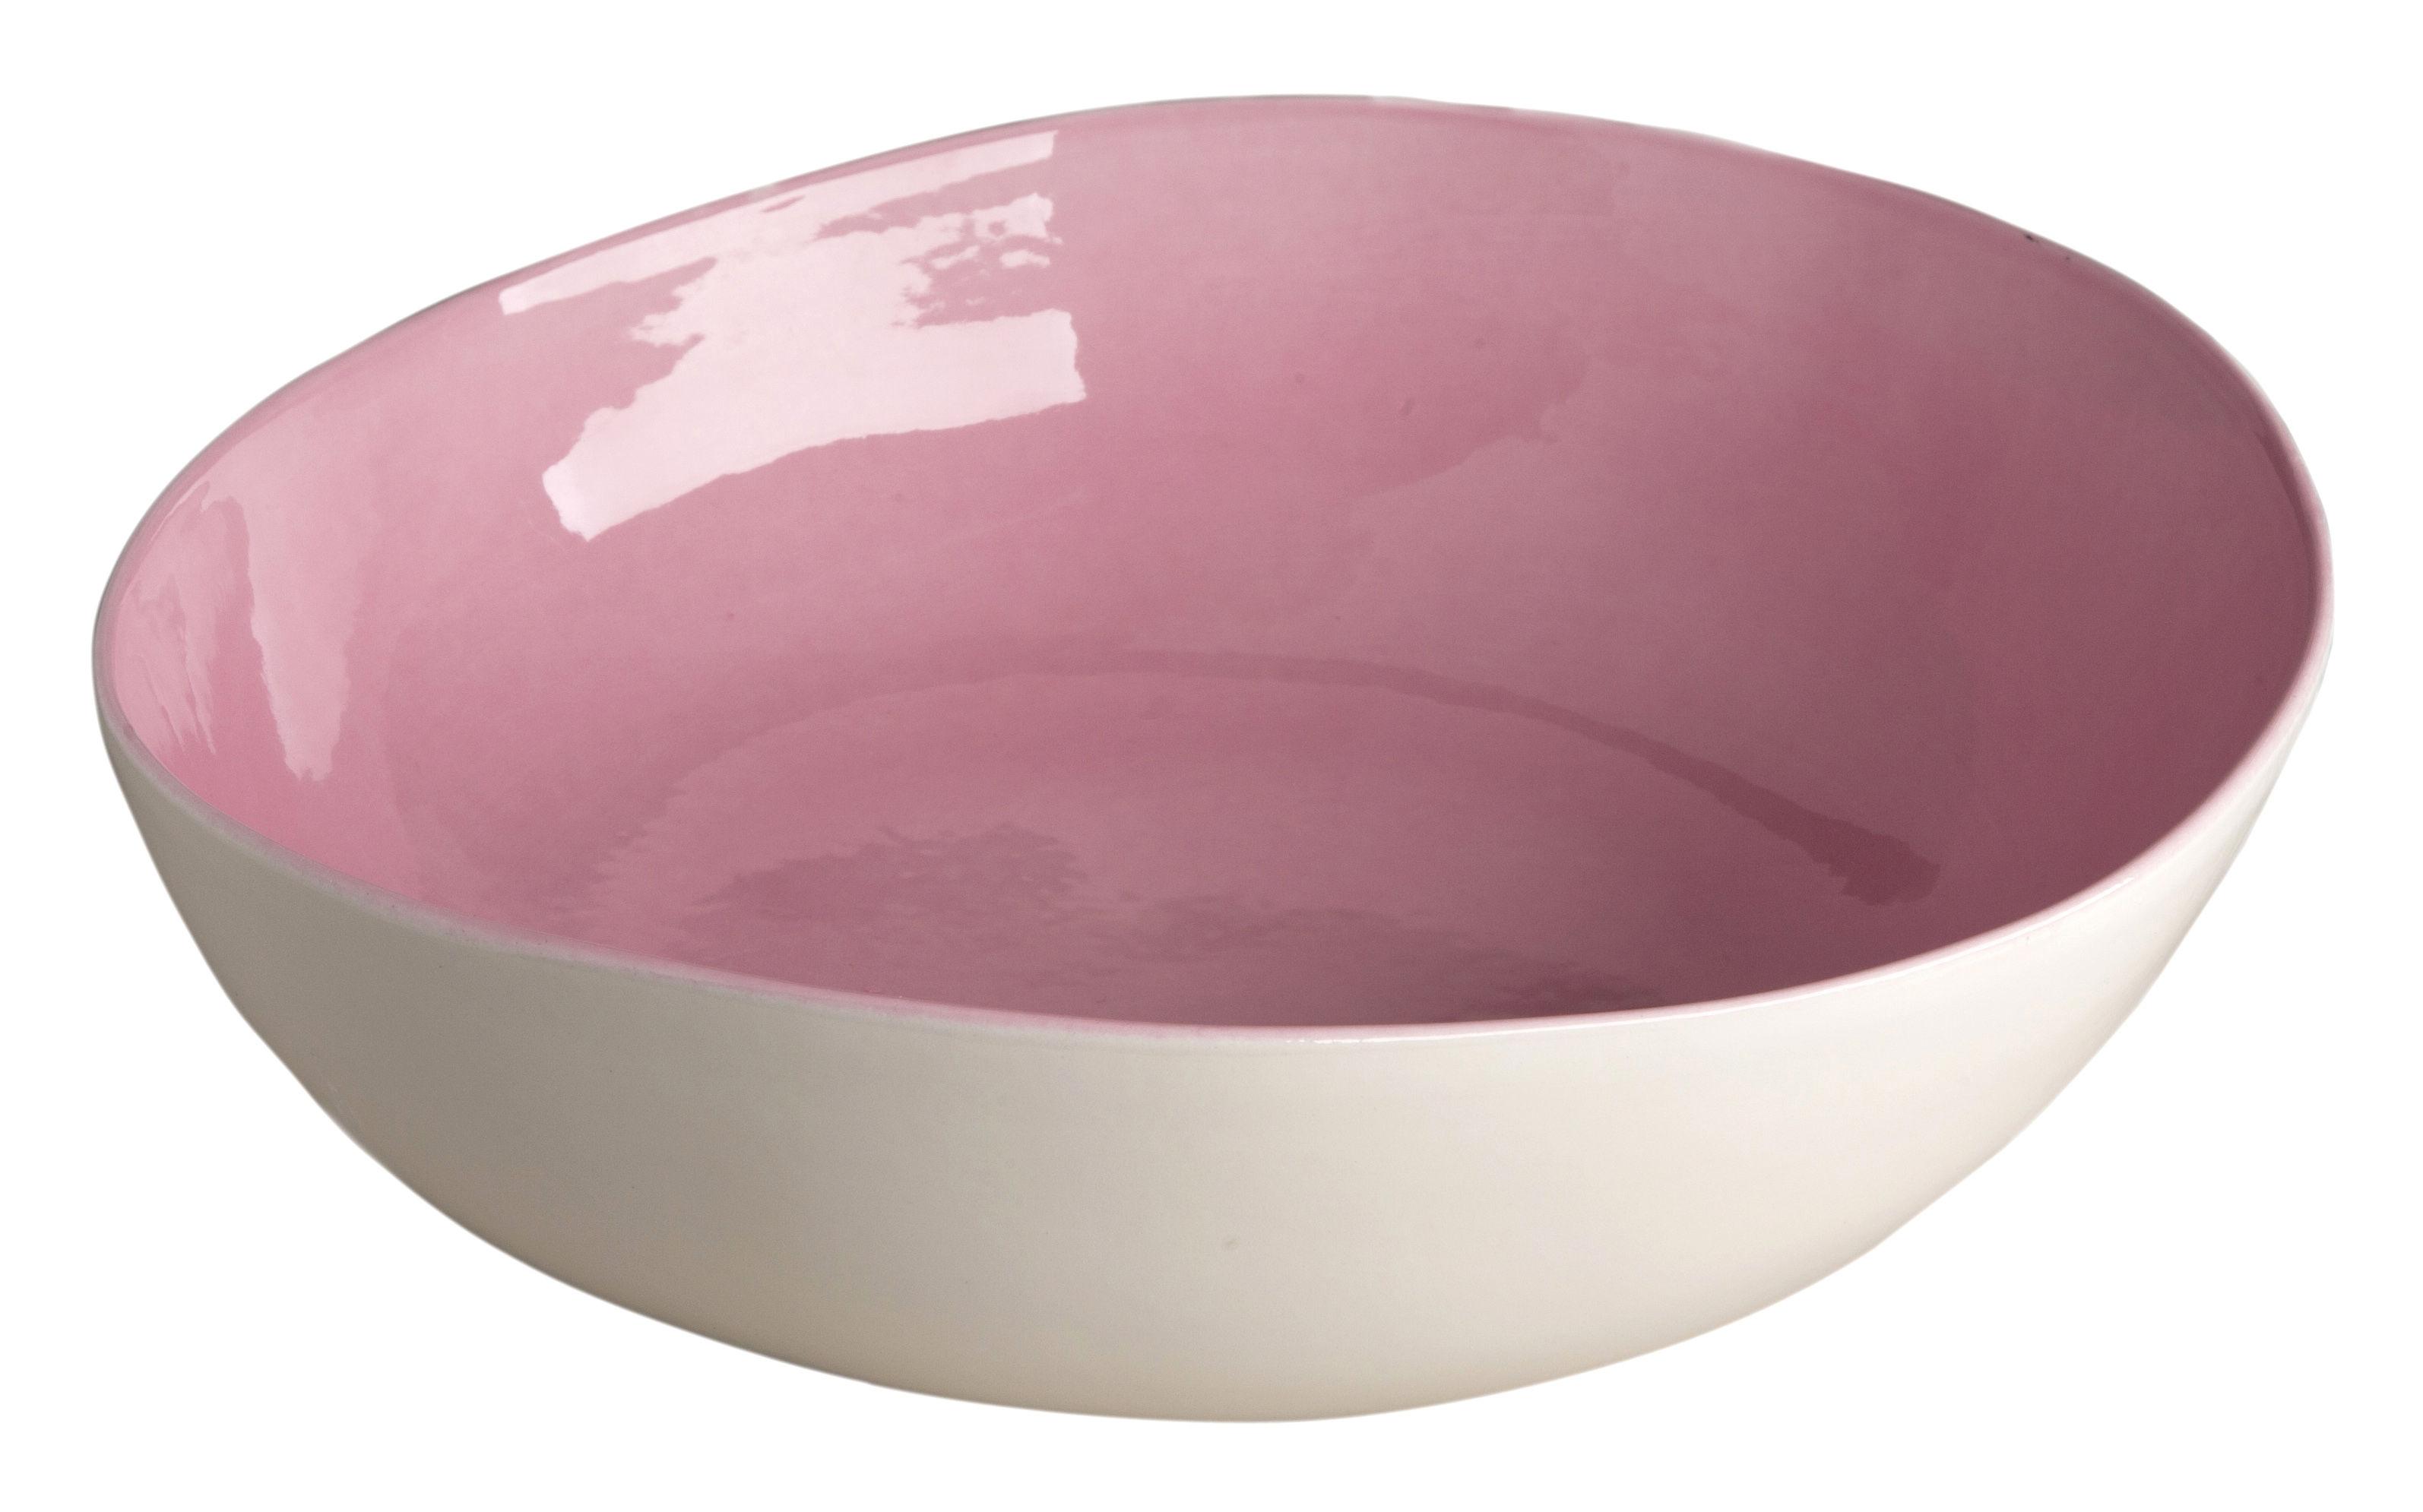 Tischkultur - Salatschüsseln und Schalen - Bazelaire Salatschüssel Ø 28 cm - Sentou Edition - Rosa - emaillierte Fayence